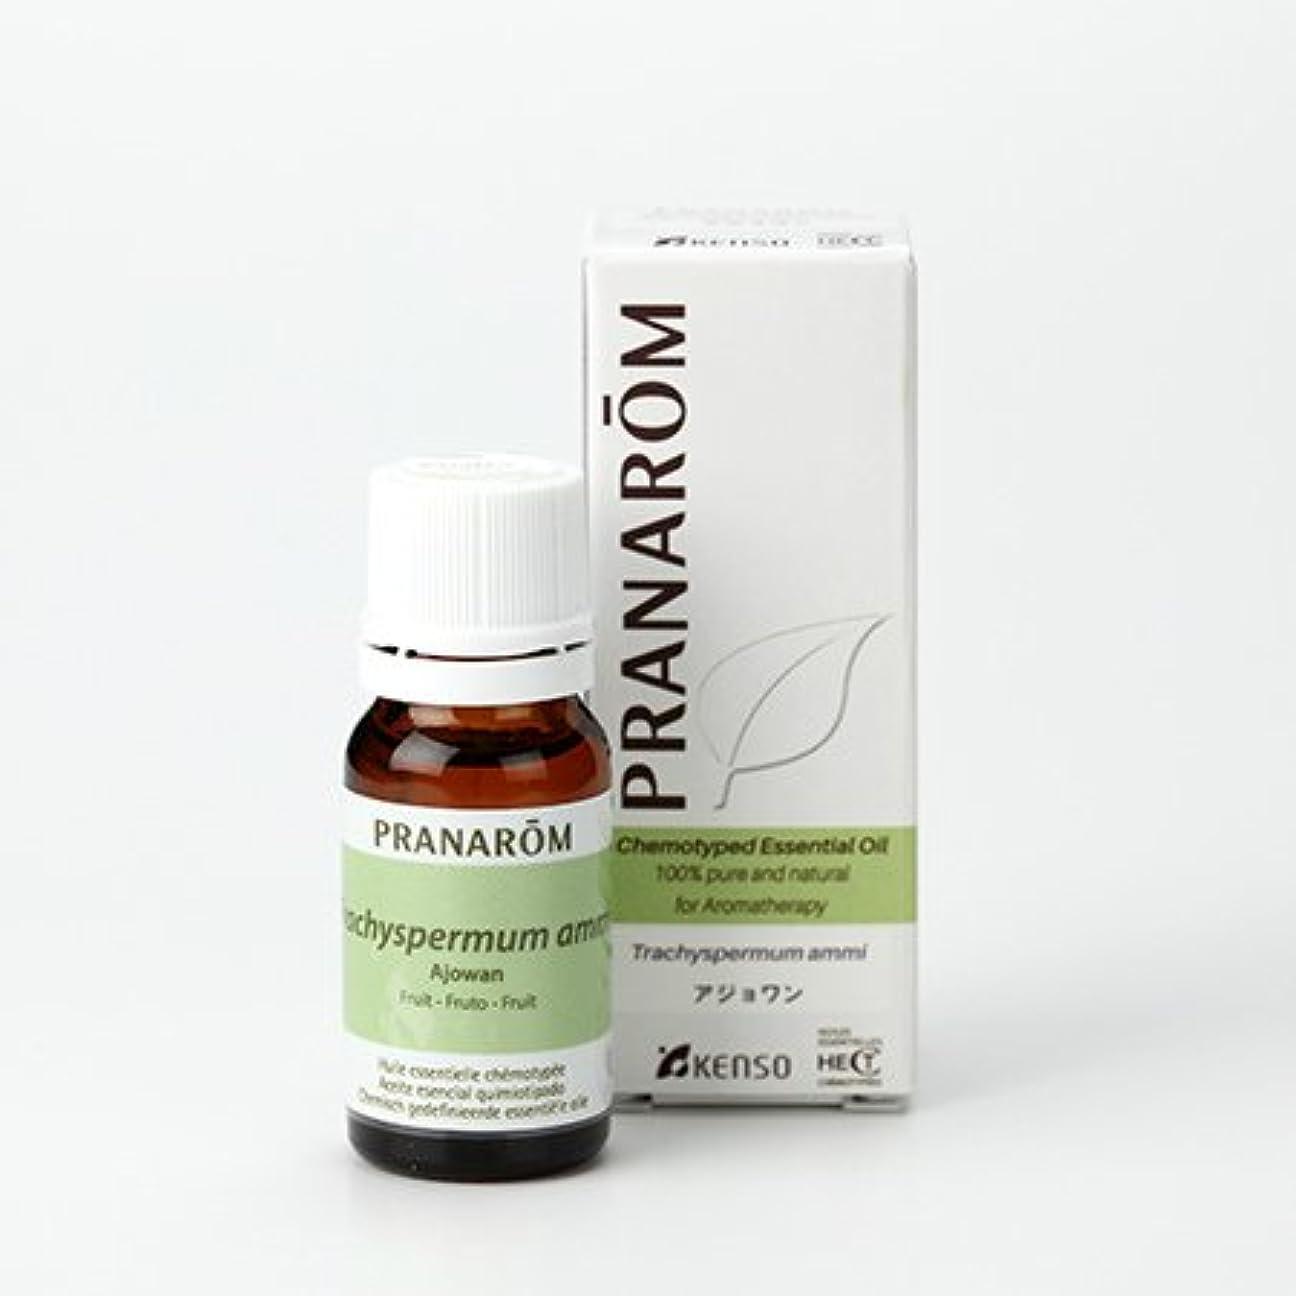 飲み込む報いるカタログプラナロム アジョワン 10ml (PRANAROM ケモタイプ精油)